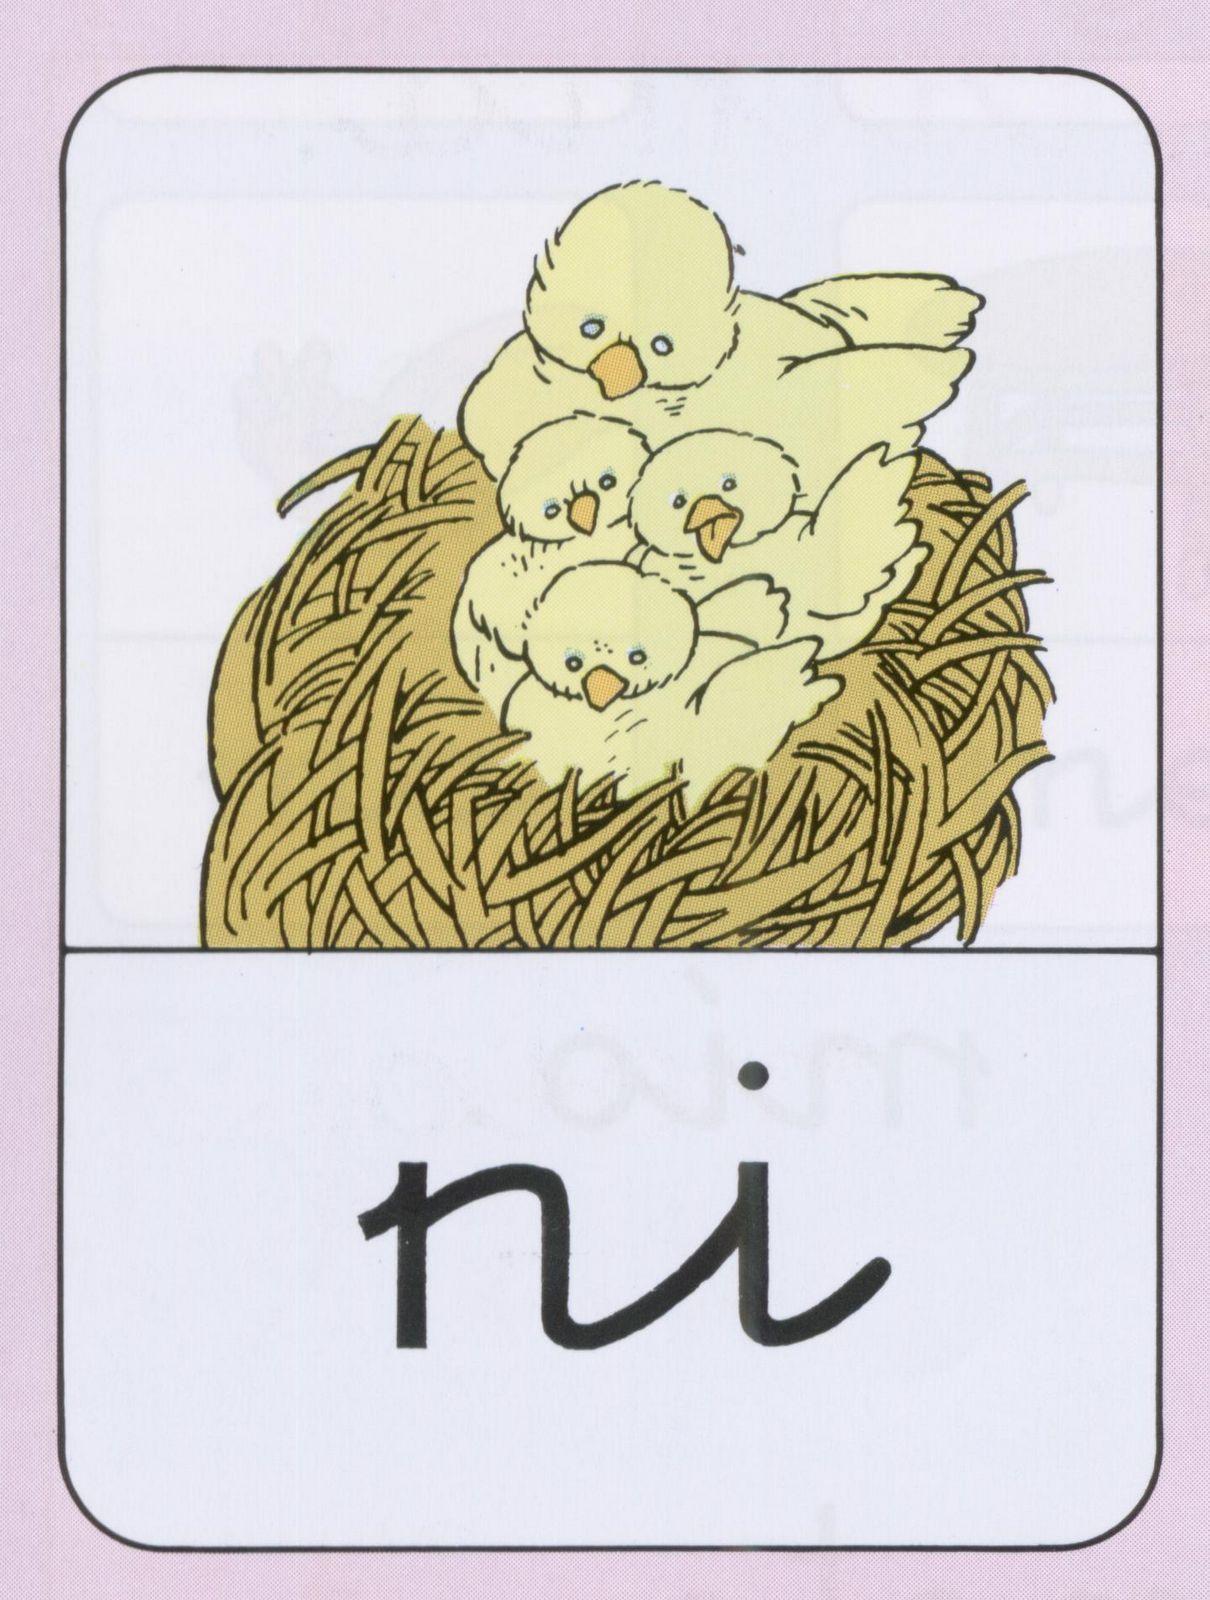 ilustradas para formar palavras em espanhol espanhol para crianças #948337 1210 1600